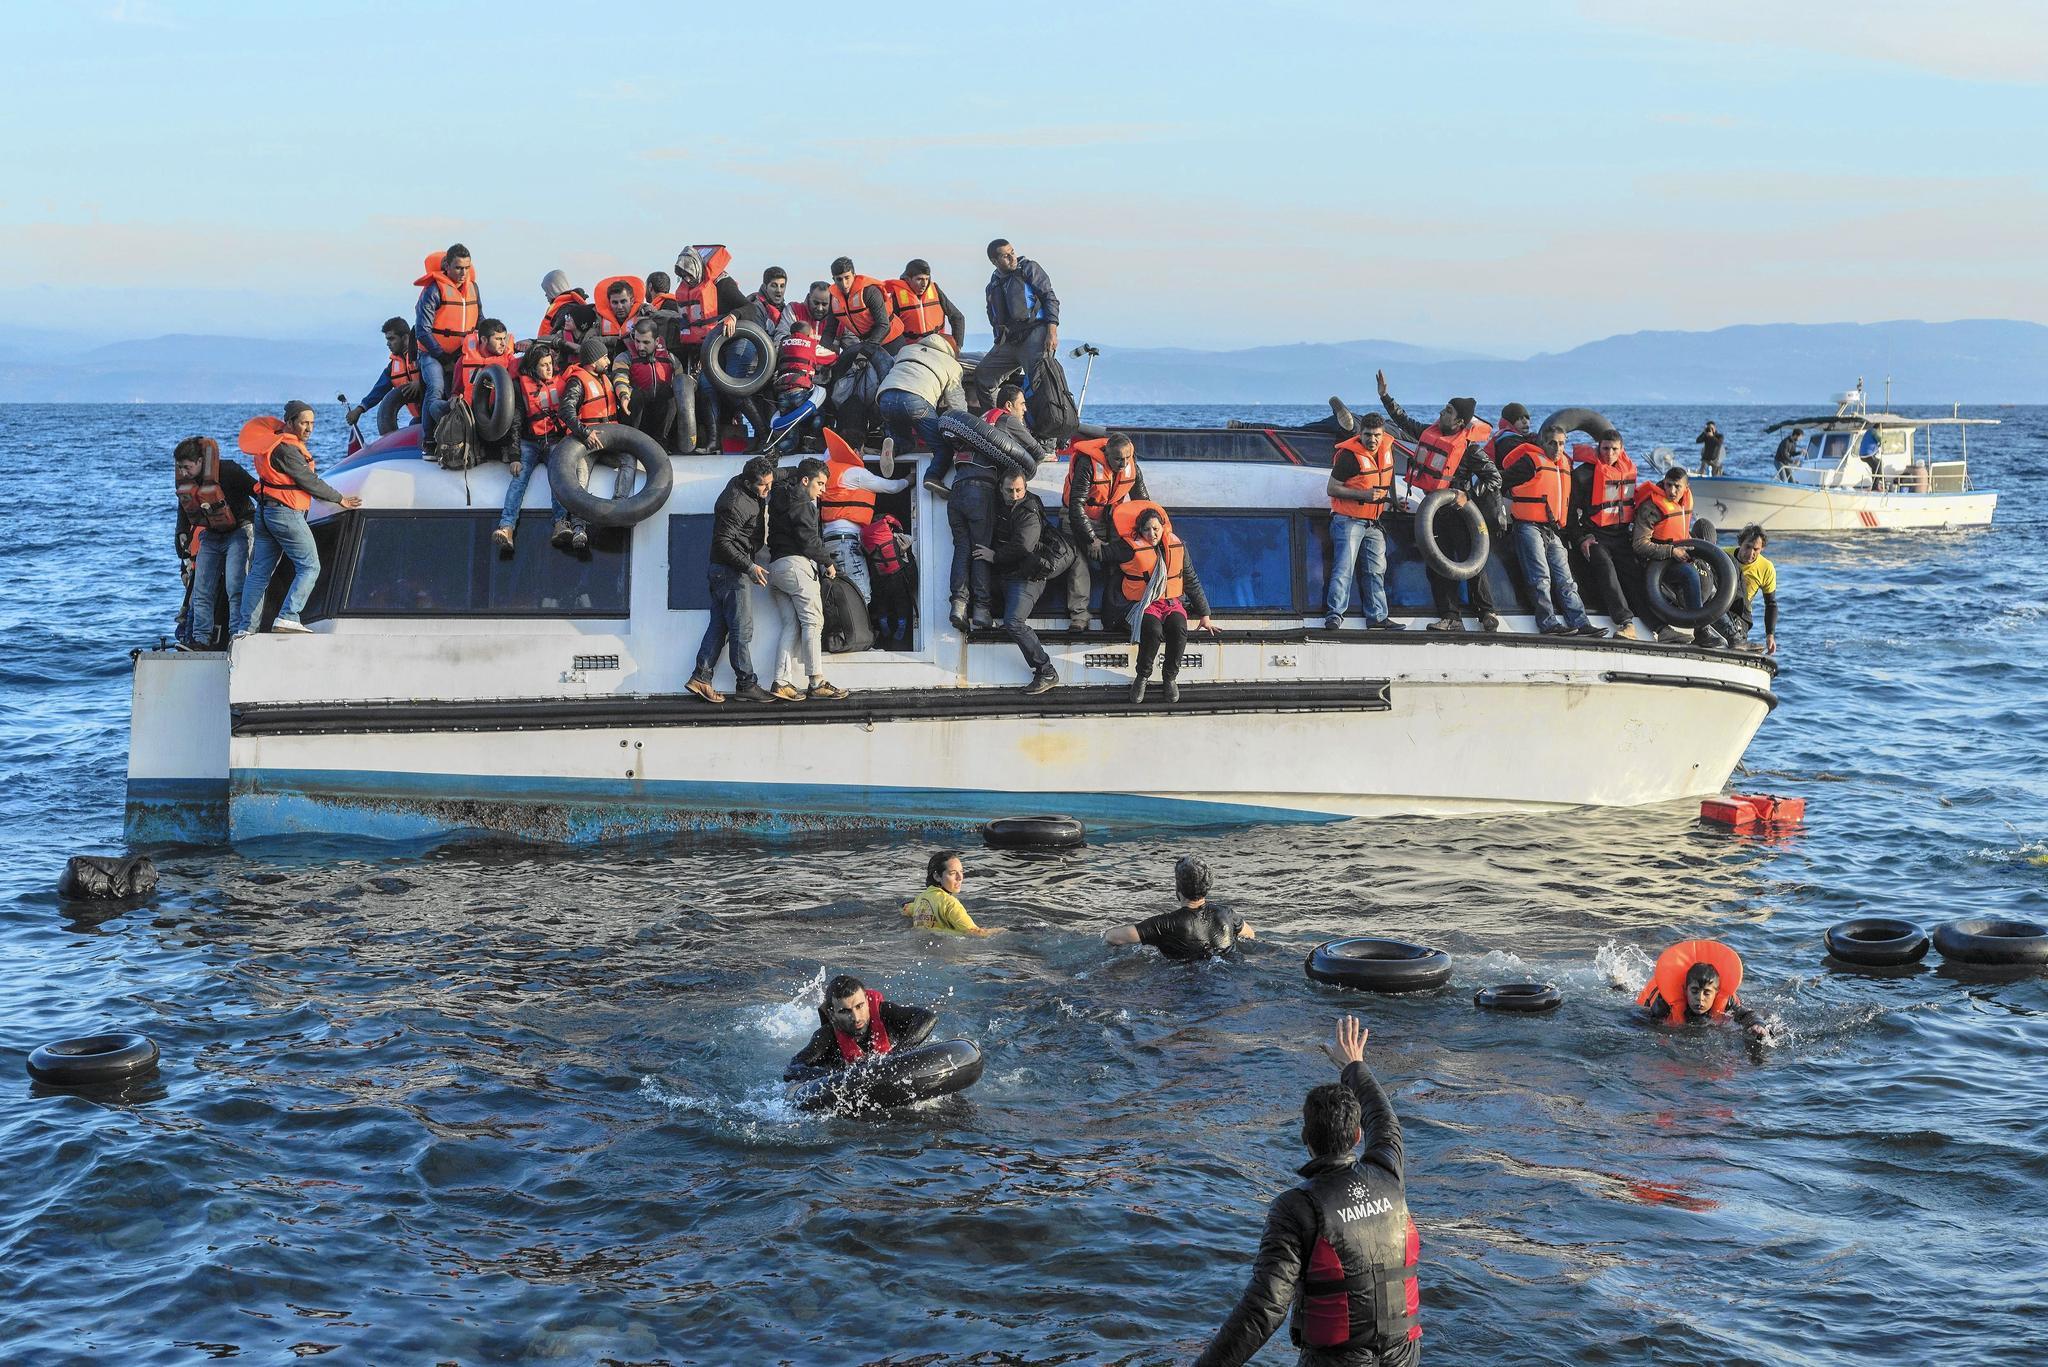 Breaking News. Navele românești din FRONTEX, acuzate că împing migranții în mare VIDEO